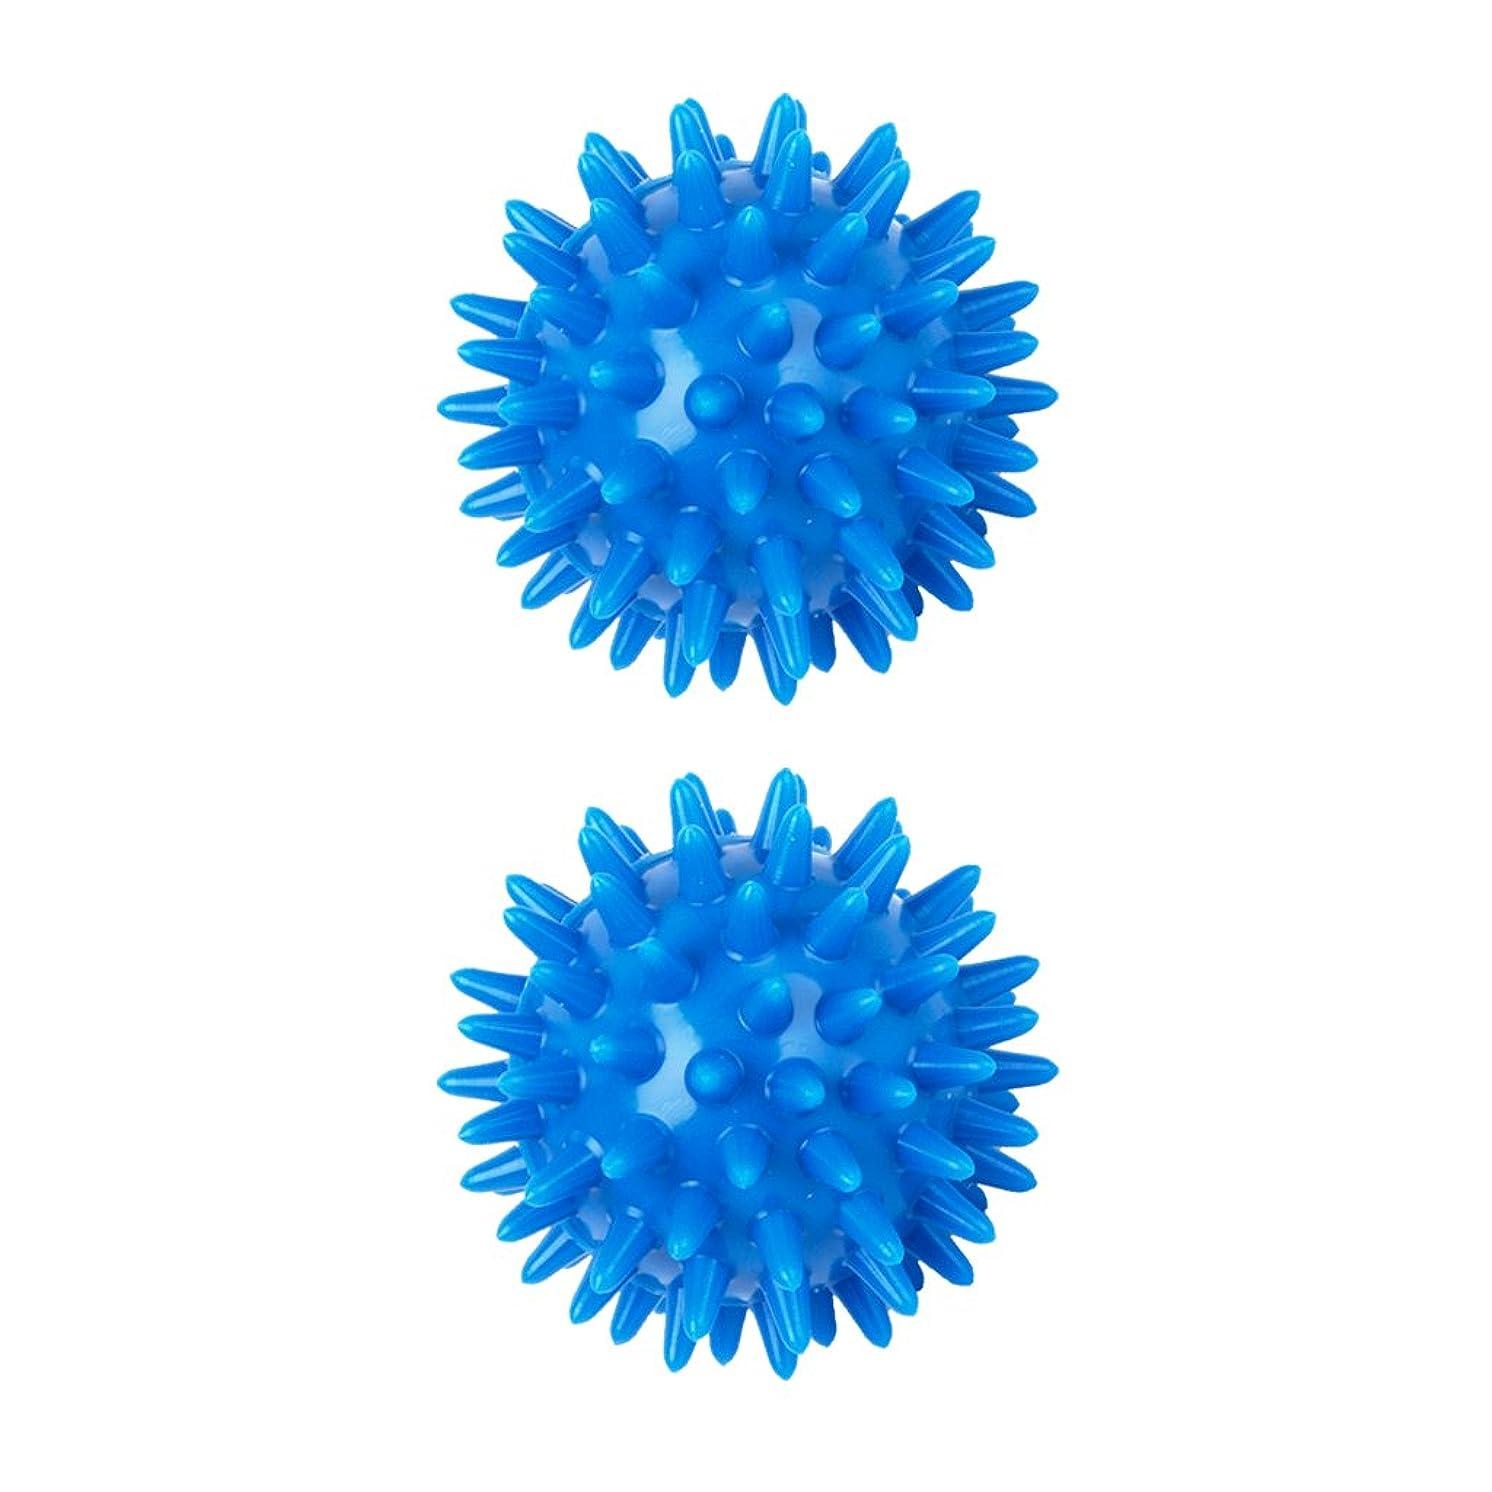 ヶ月目労働梨sharprepublic 2個 足 足首 背中 マッサージボール 筋肉緊張和らげ 血液循環促進 5.5cm PVC製 ブルー